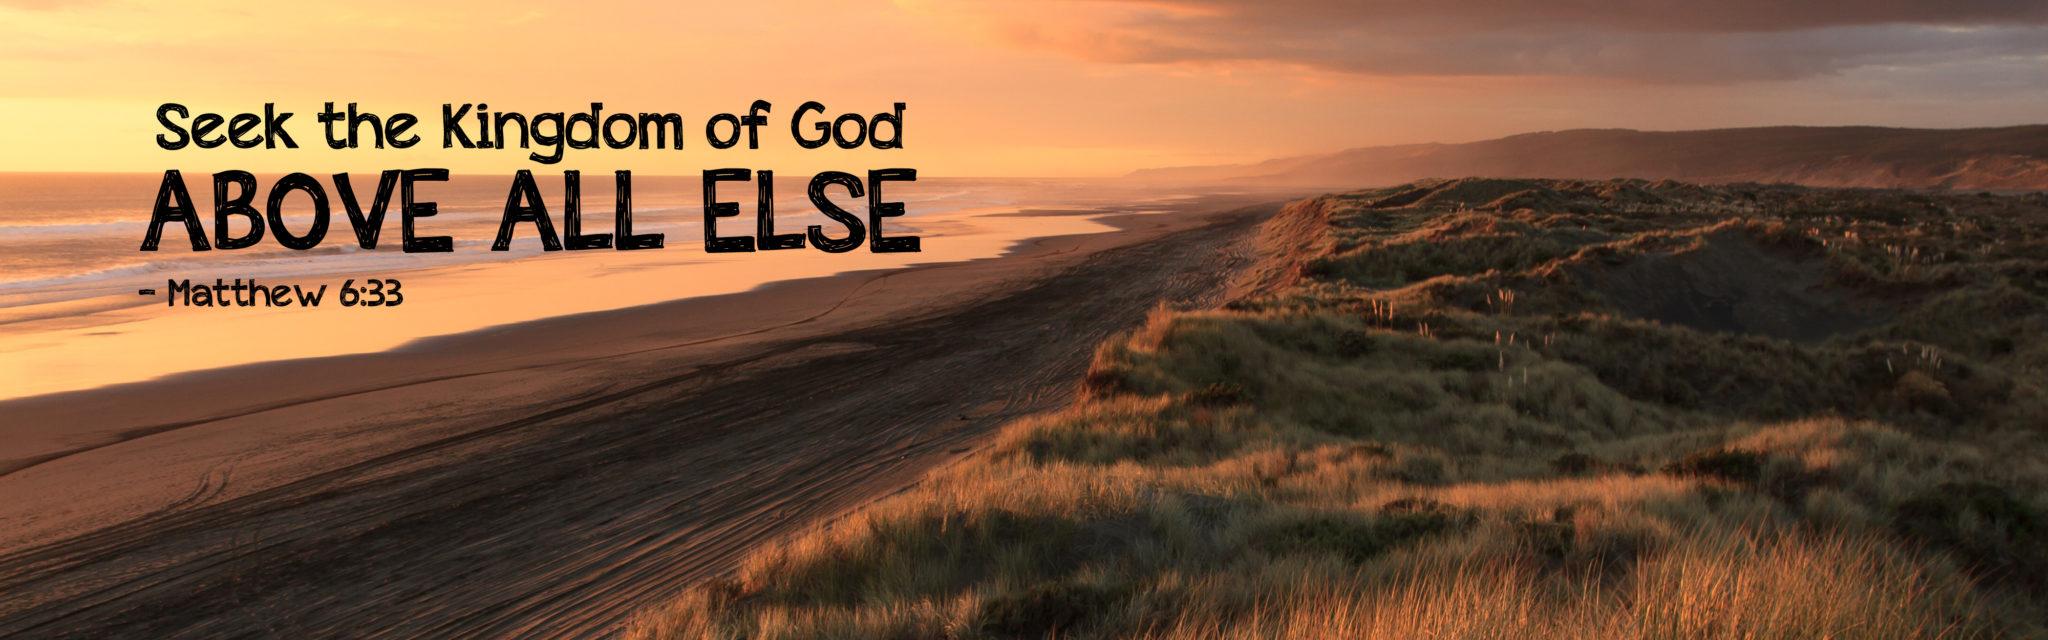 NZ-bibleslide-Matthew-6.33